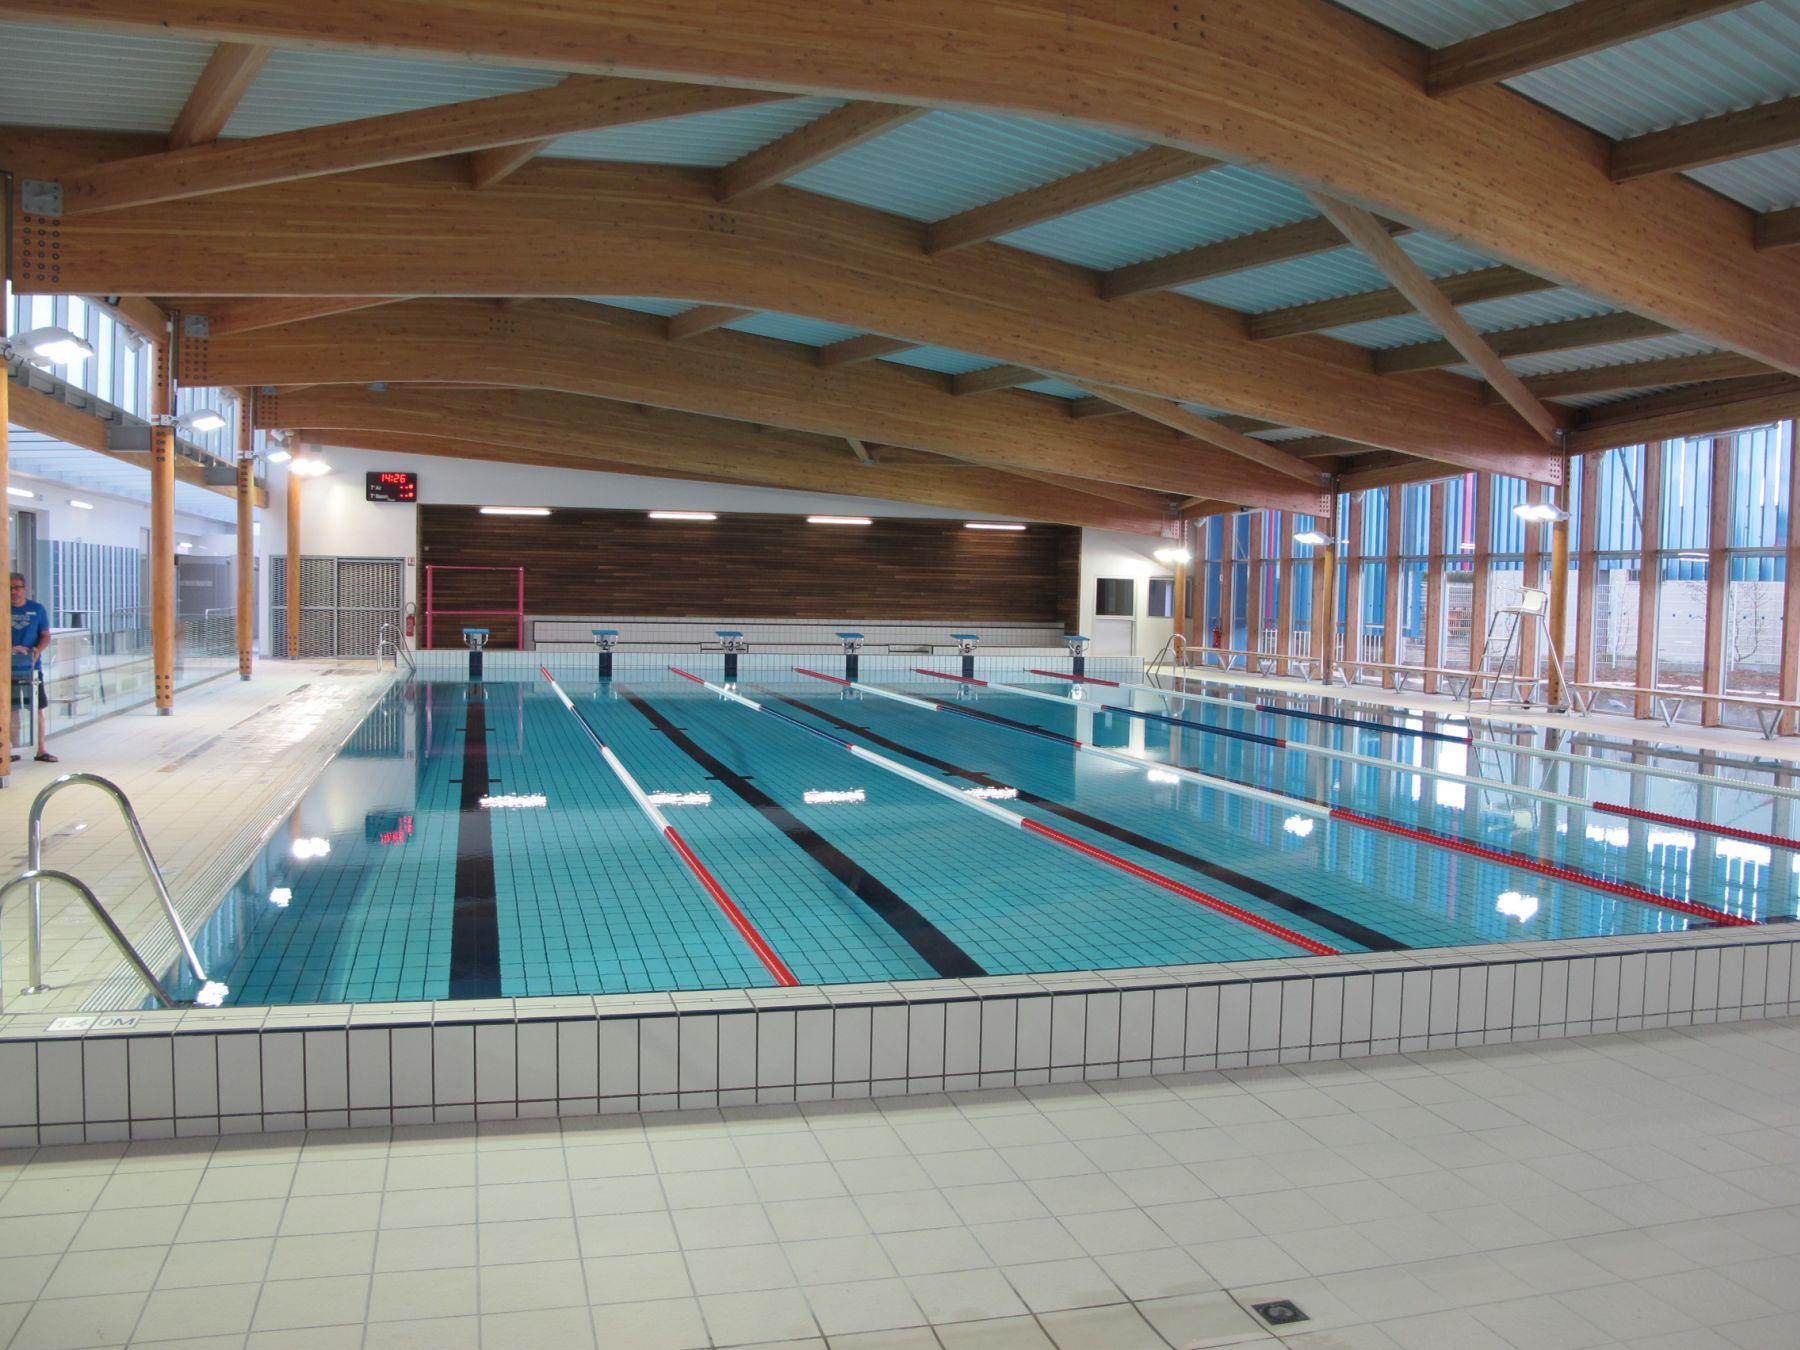 Bulle D'ô : Le Nouveau Centre Aquatique De Joué-Lès-Tours avec Piscine Bulle D O Joué Les Tours